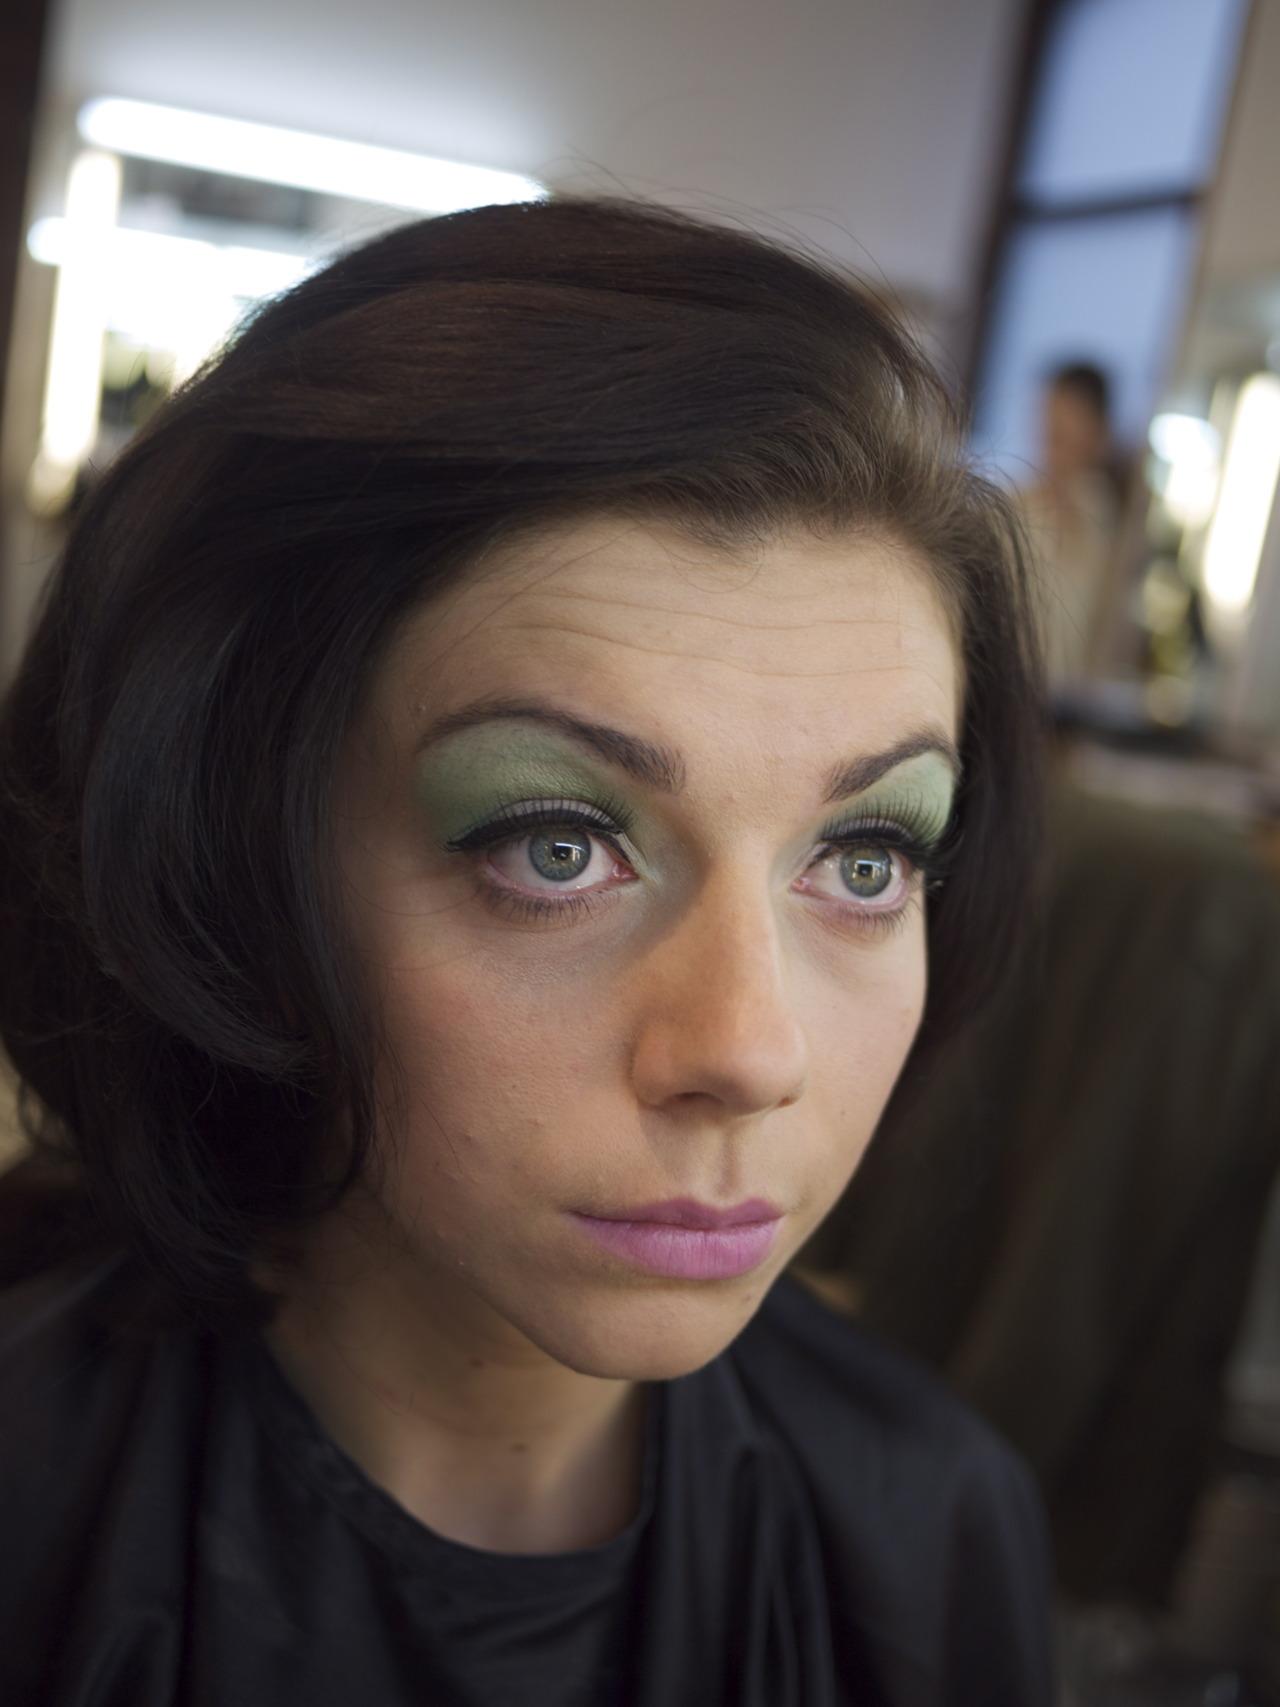 50's hair and make-up - November 2011   CB-MA London